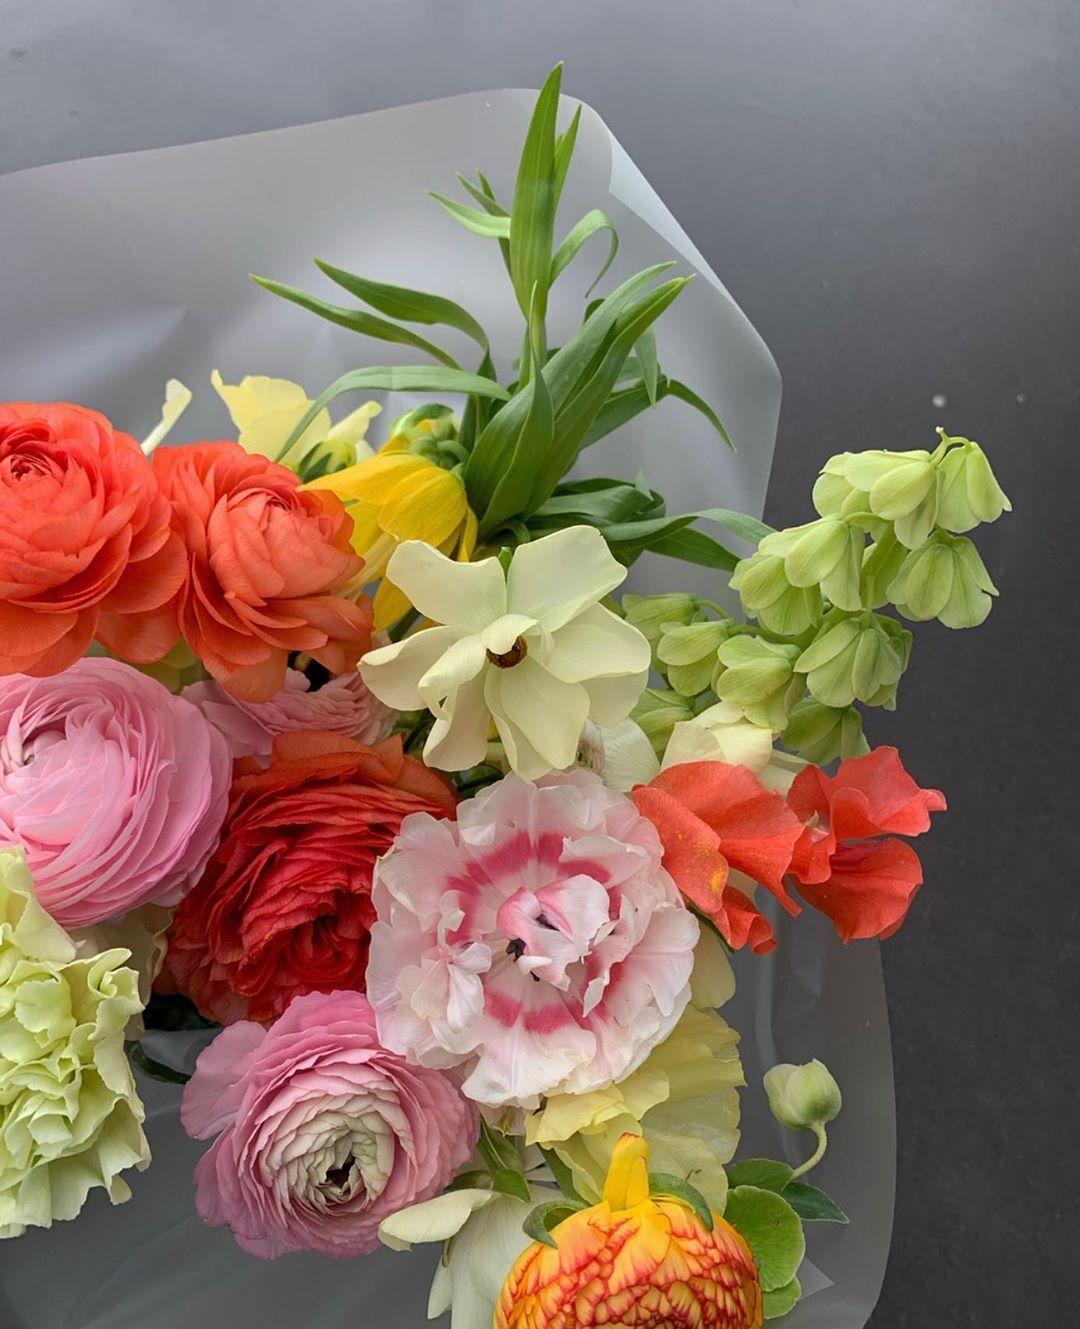 Bukety Cvety Moskva On Instagram Monday Flowers Zakazy Prinimaem Cherez Whatsapp Direct Luxury Flowers Beautiful Flowers Pretty Flowers